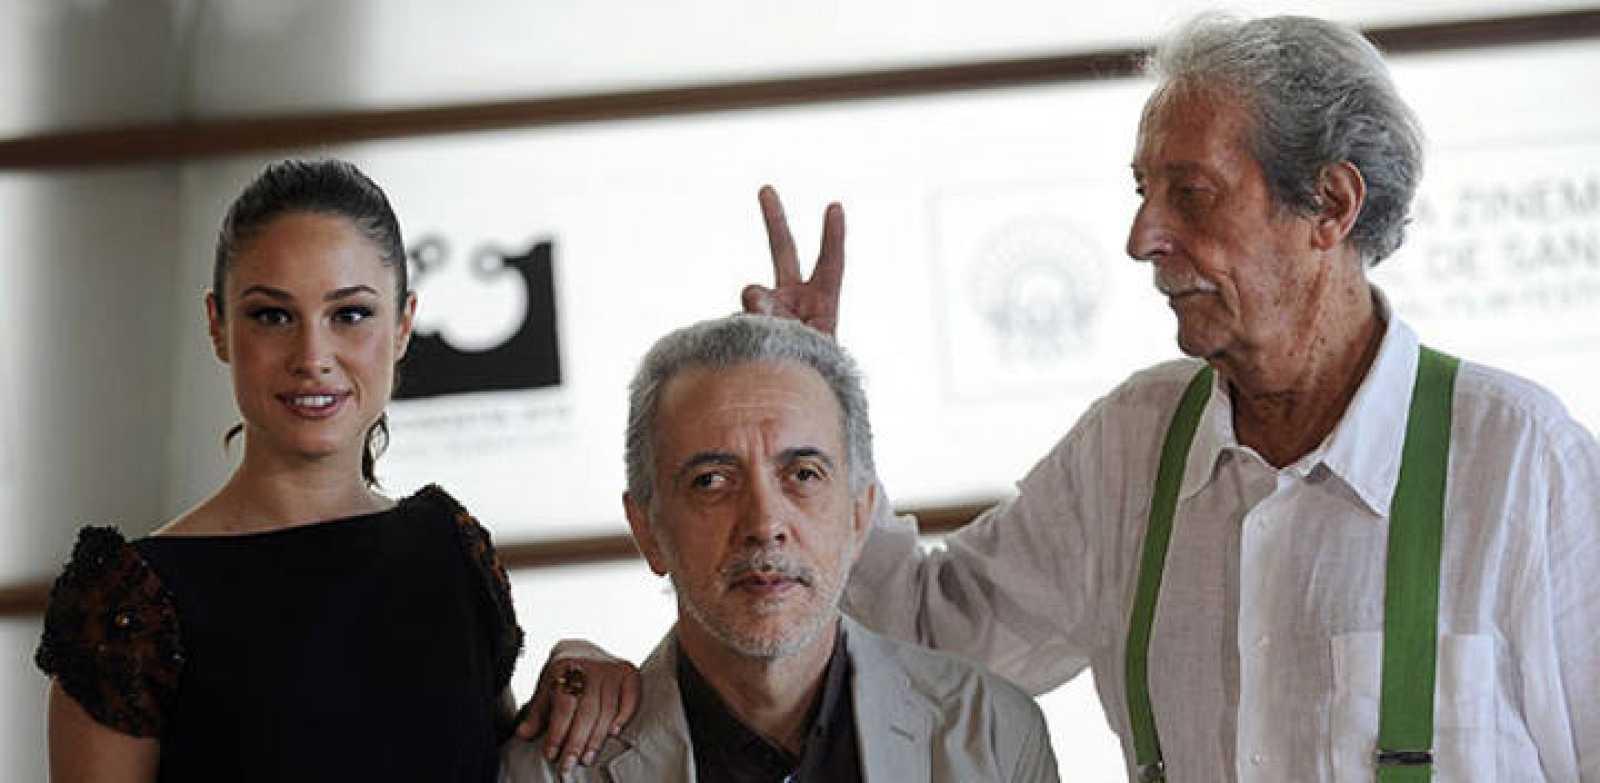 Aida Folch, Fernando Trueba y Jean Rochefort han presentado 'El artista y la modelo' en San Sebastián